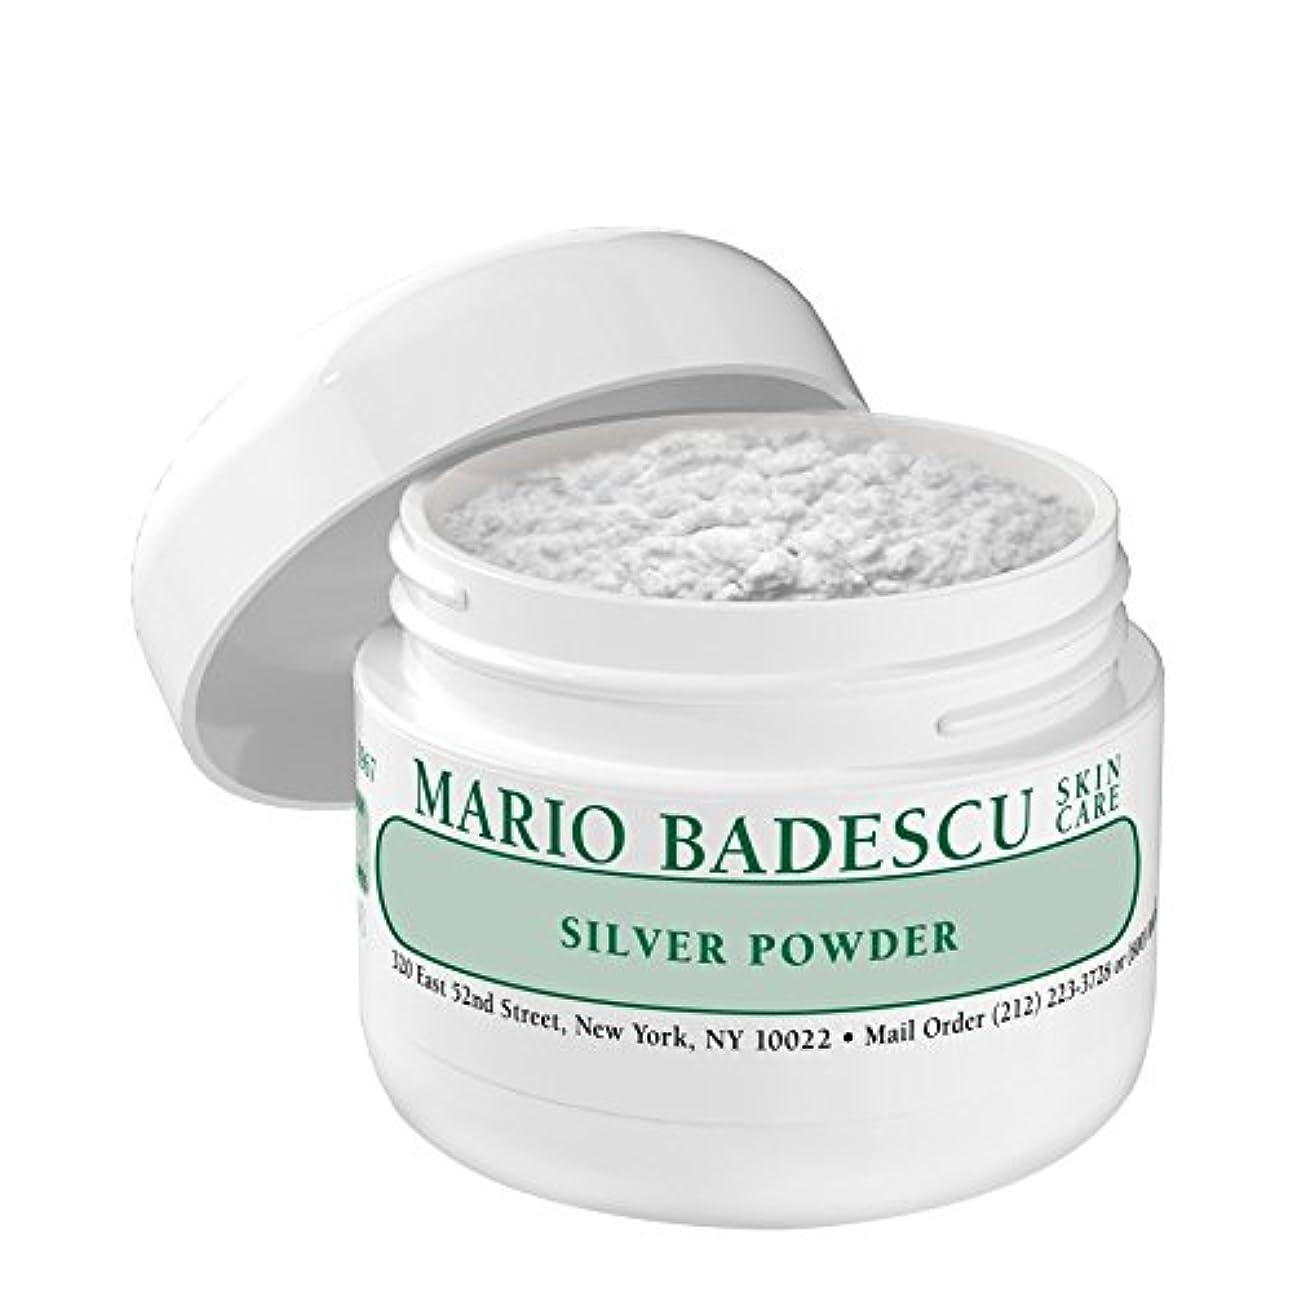 ブースト仕様接続されたマリオ?バデスキュー銀粉末 x2 - Mario Badescu Silver Powder (Pack of 2) [並行輸入品]